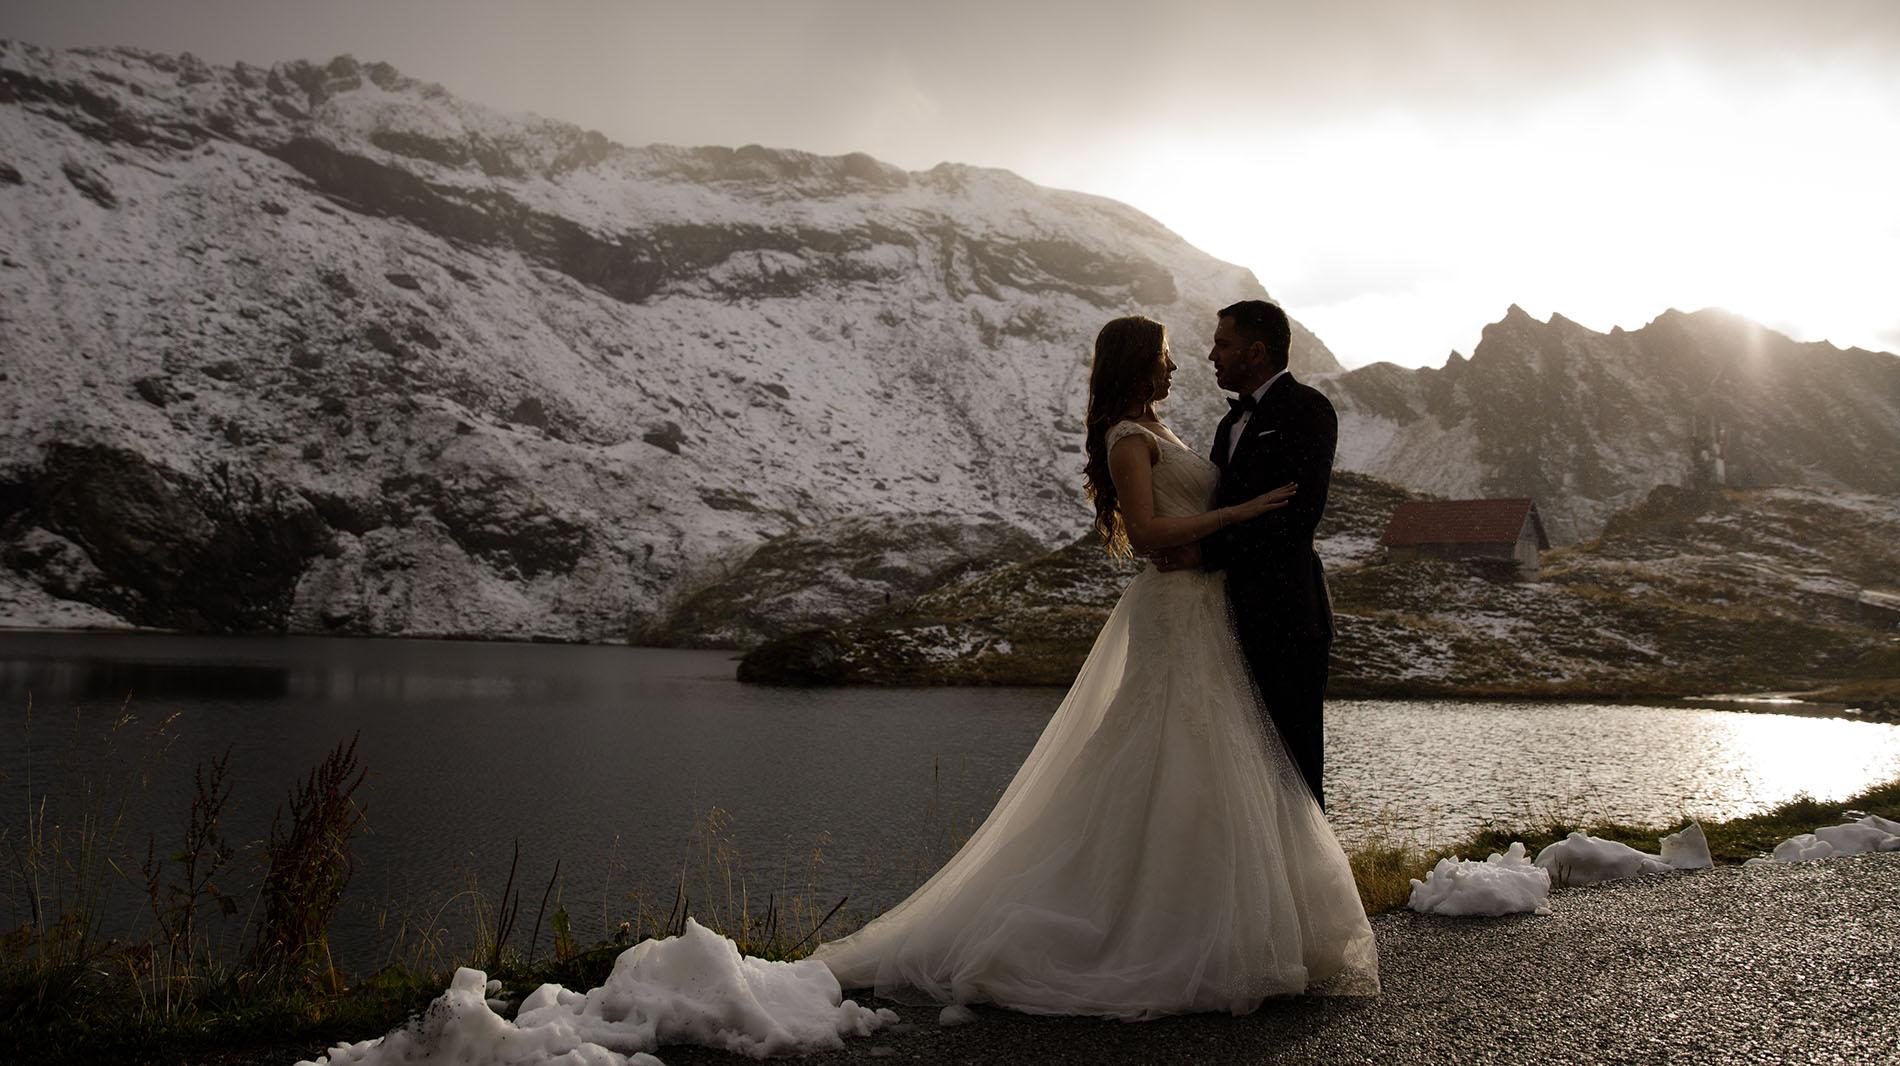 Sedinta foto dupa nunta, Trash the dress la munte